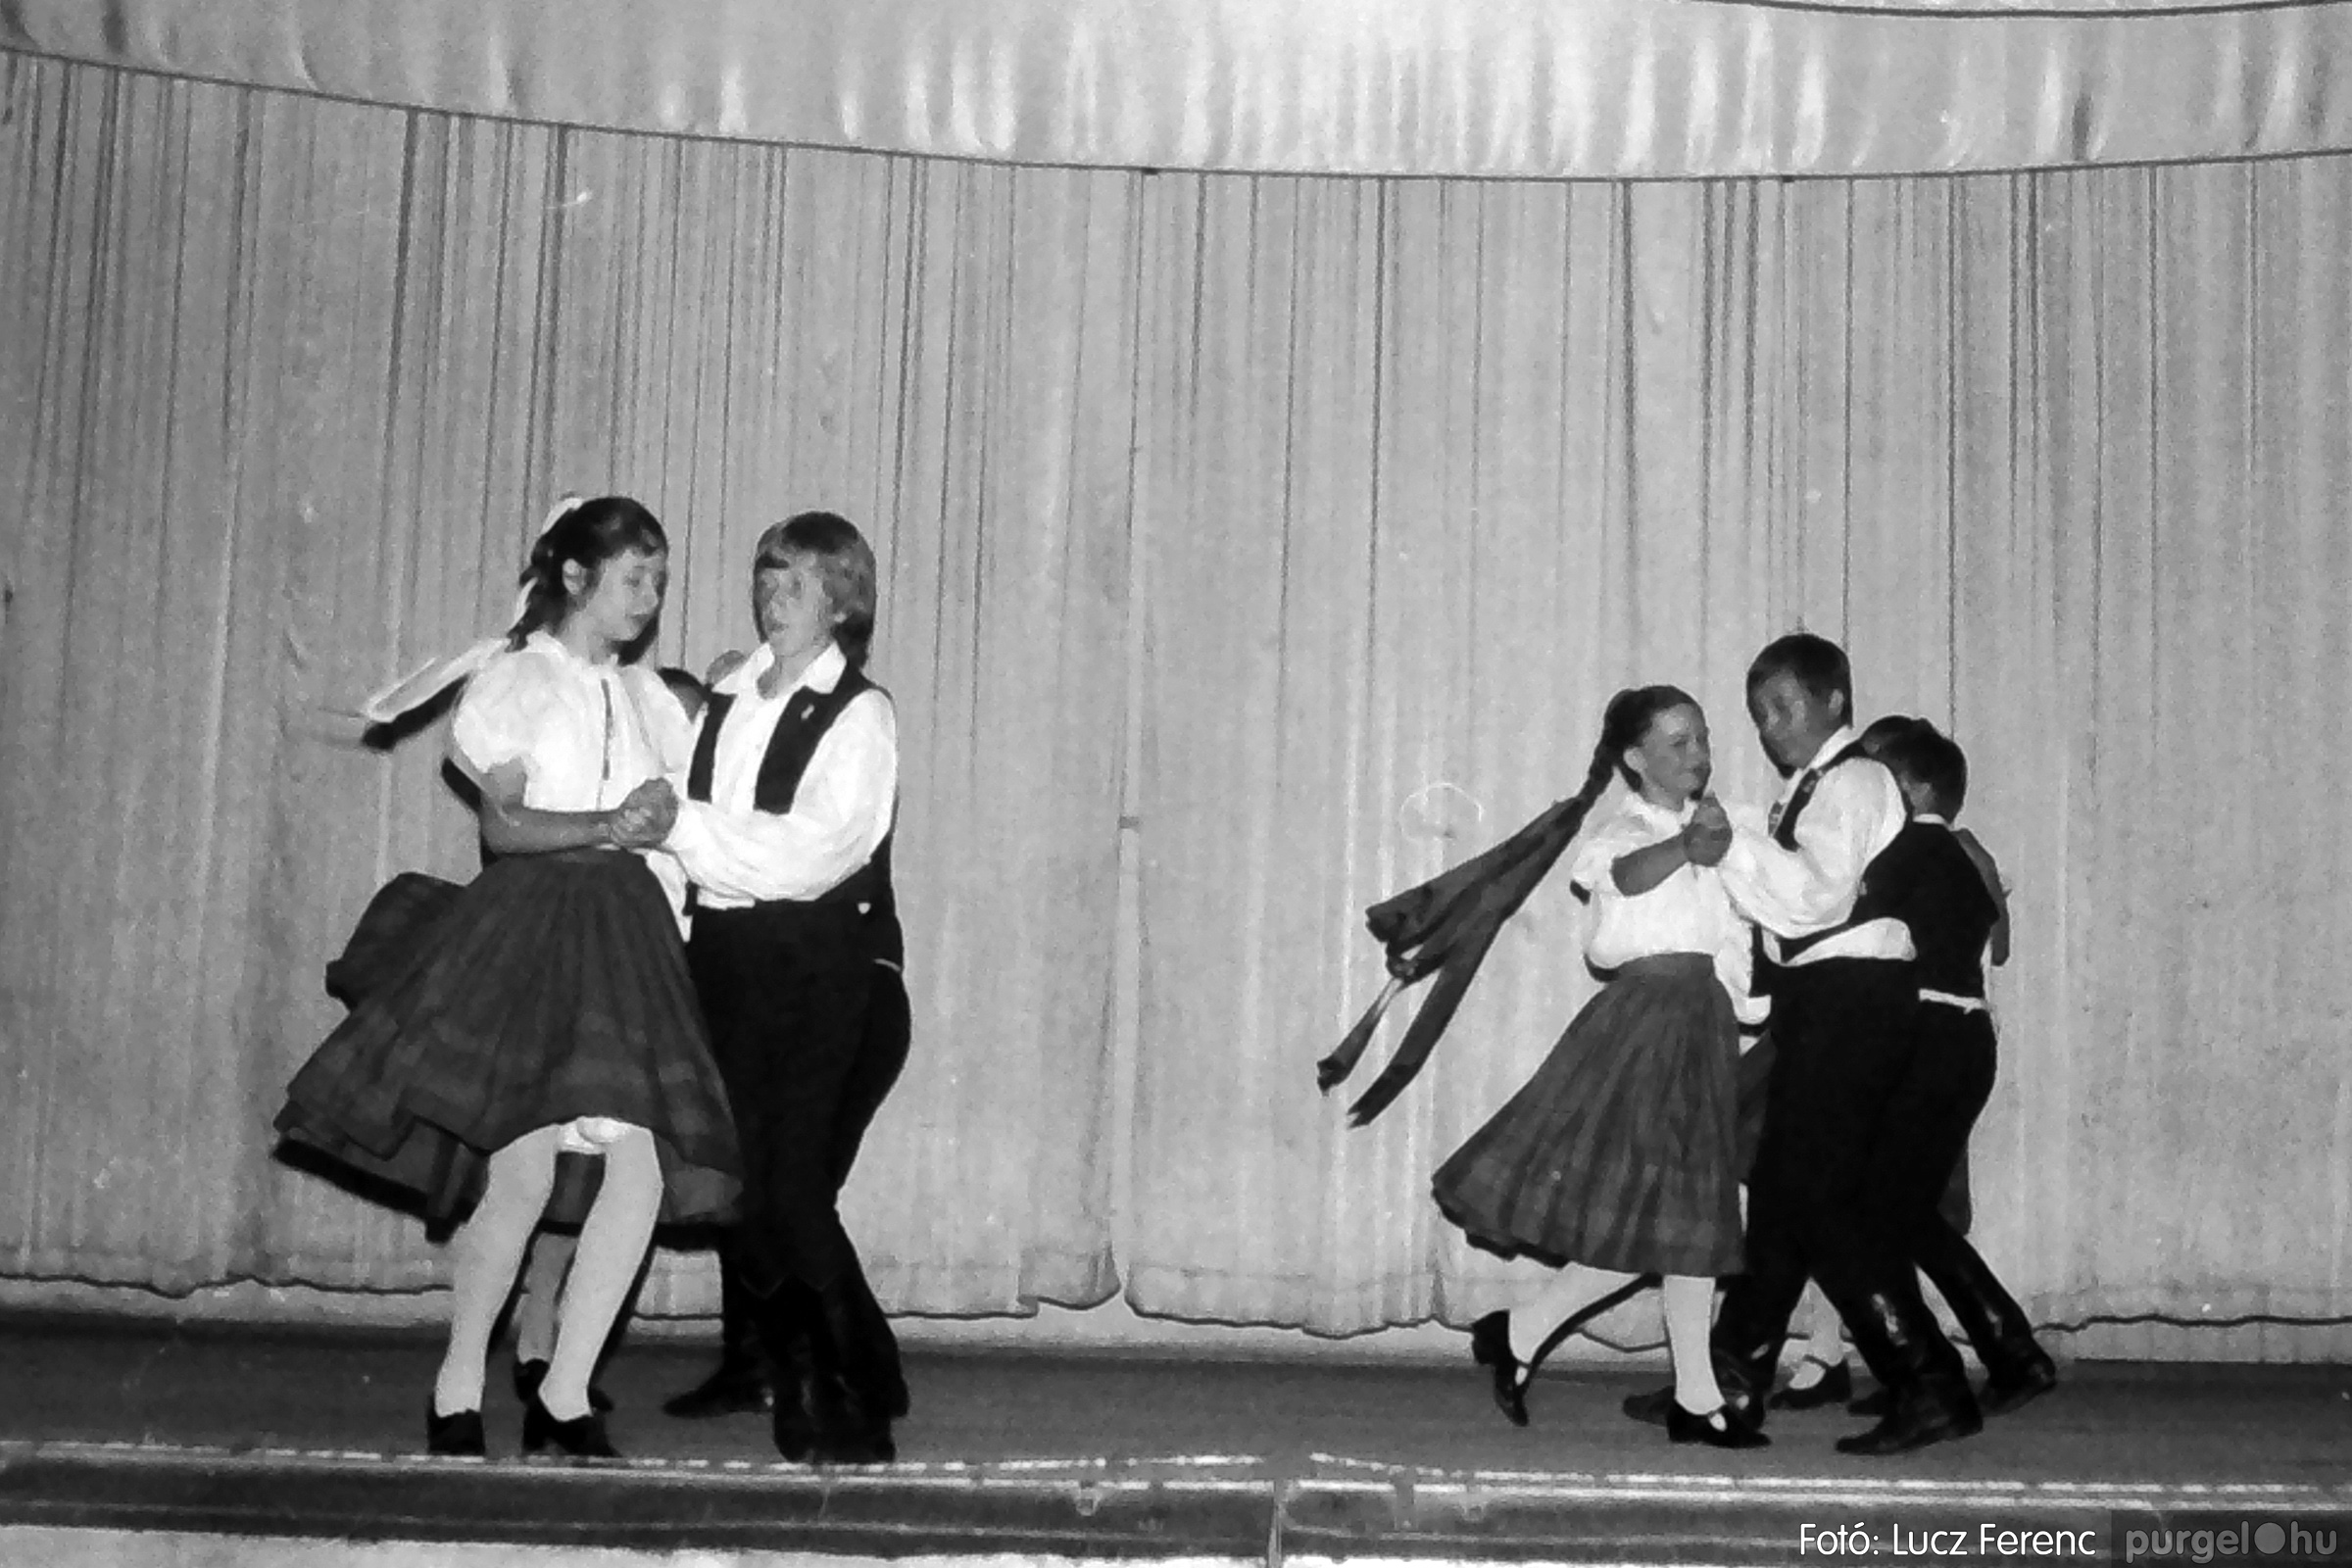 081. 1977. Néptáncosok fellépése a kultúrházban 004. - Fotó: Lucz Ferenc.jpg